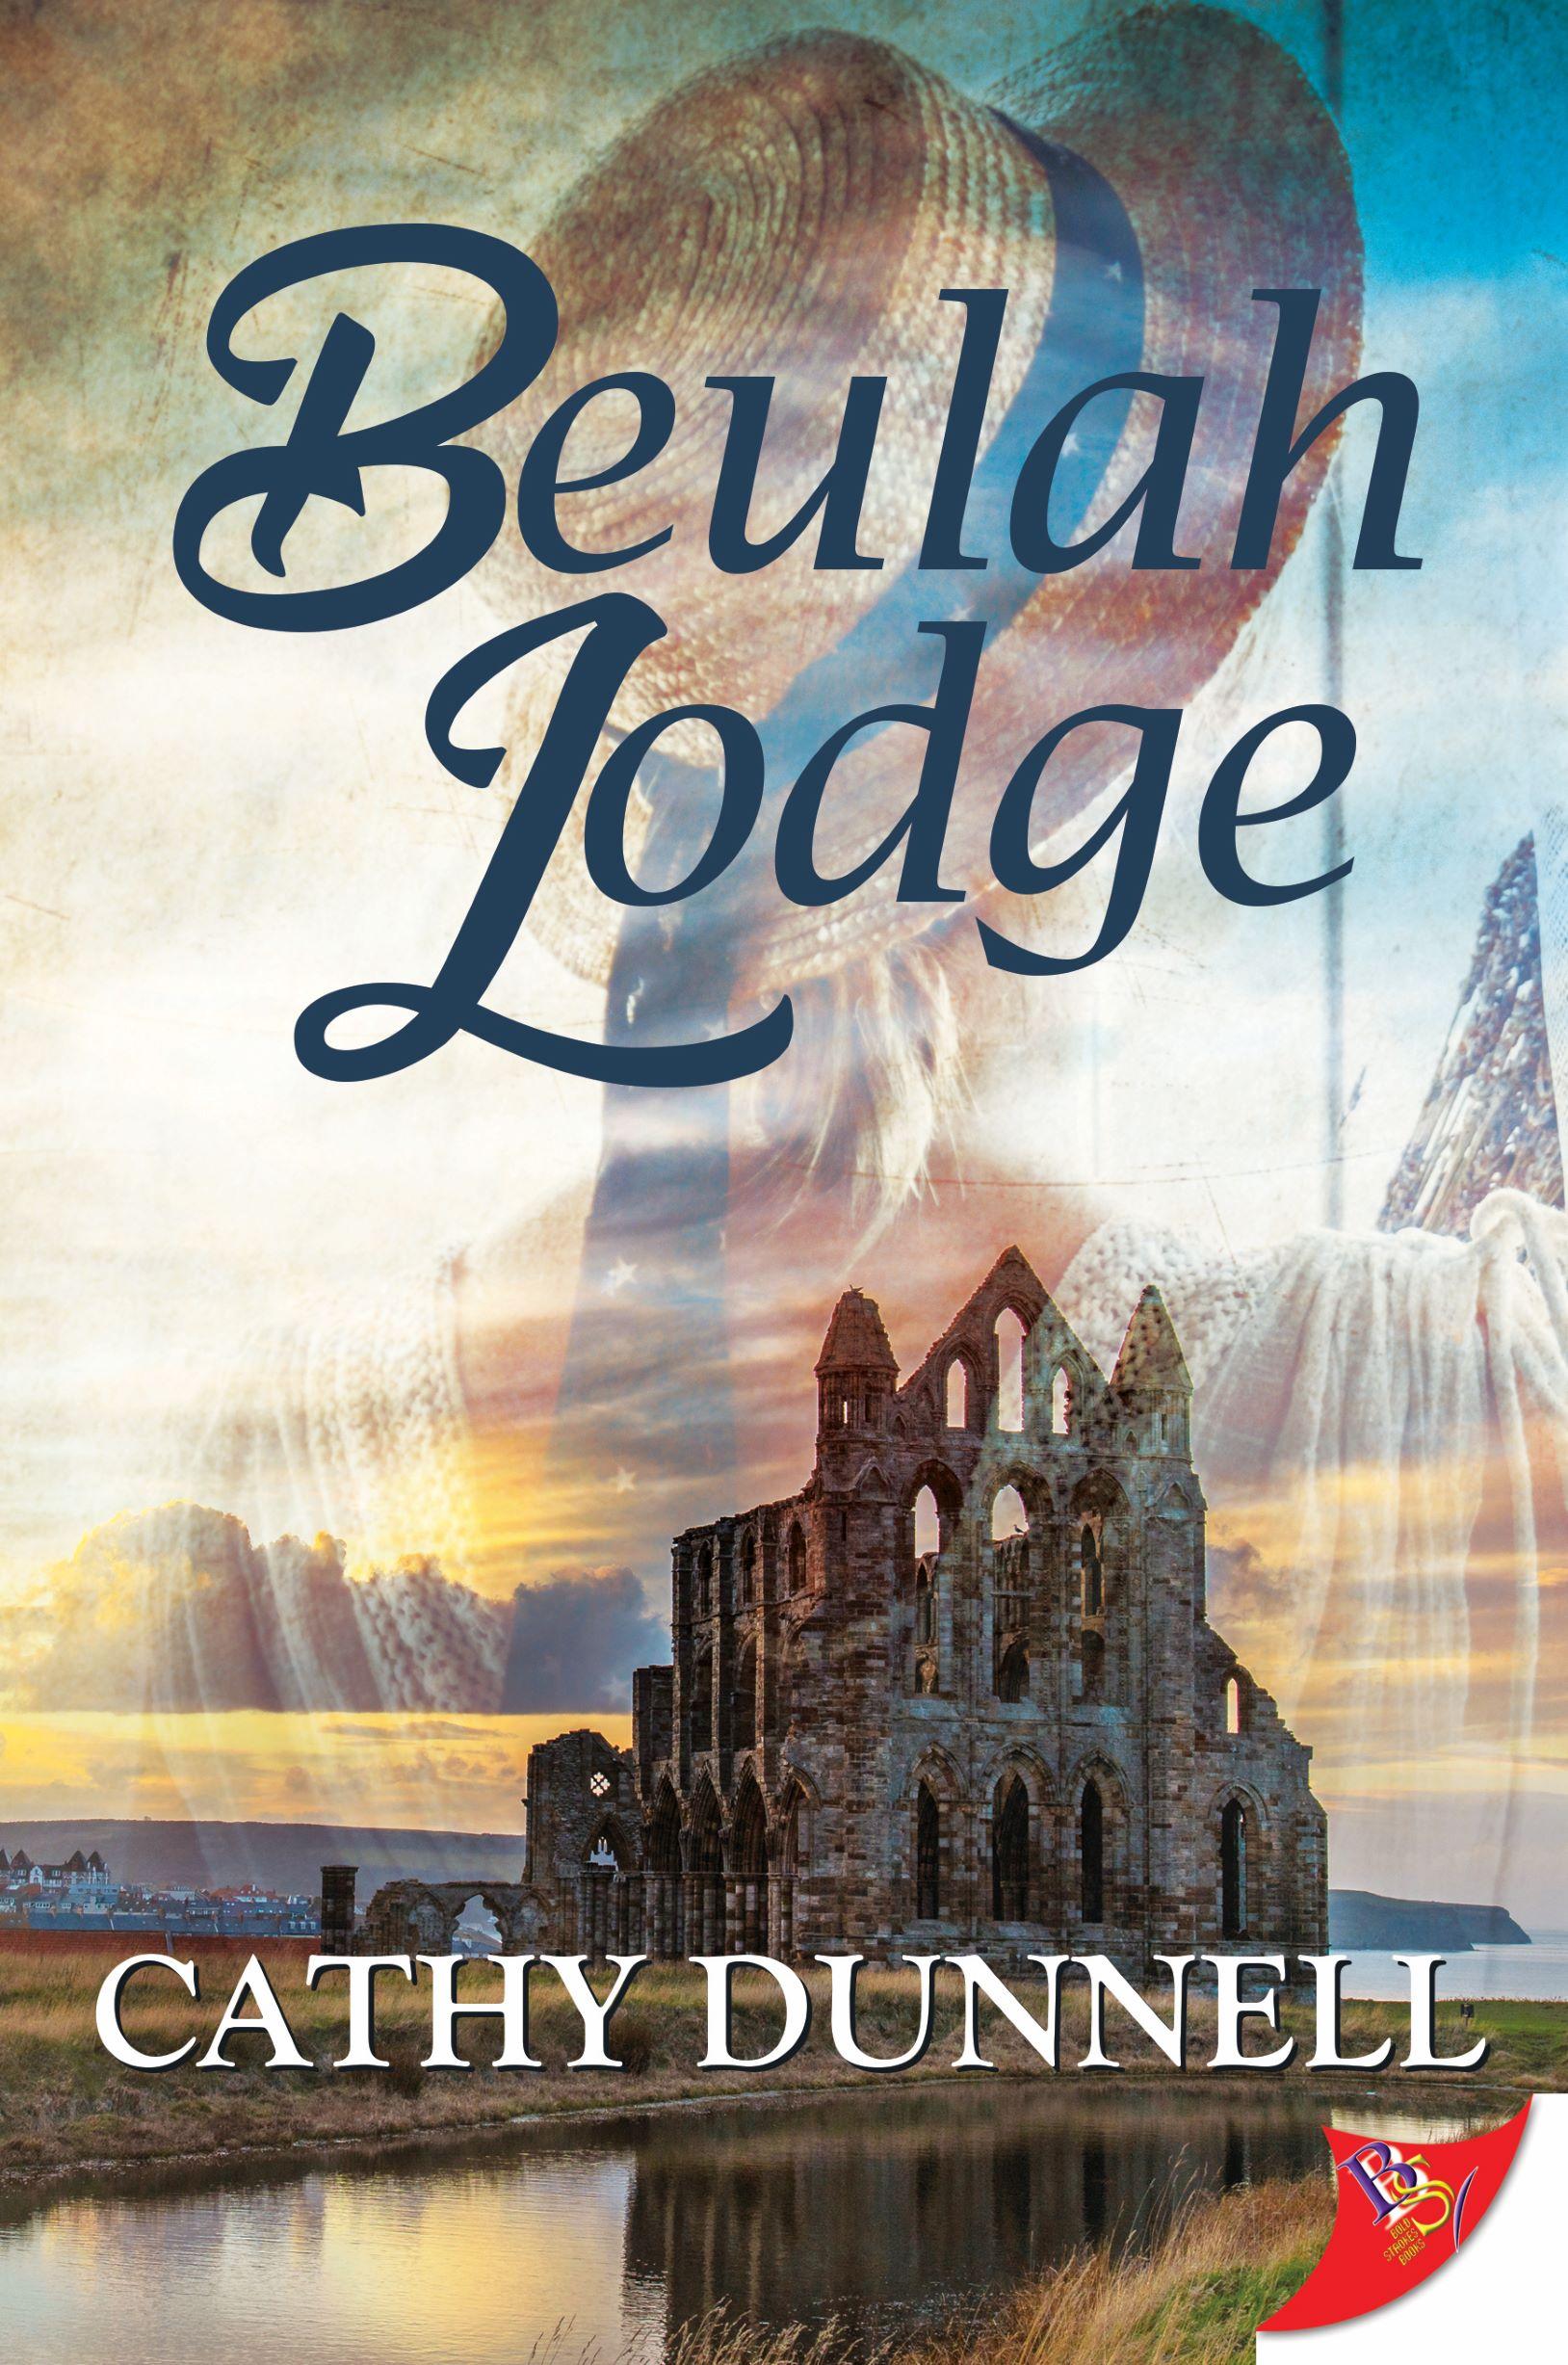 Beulah Lodge